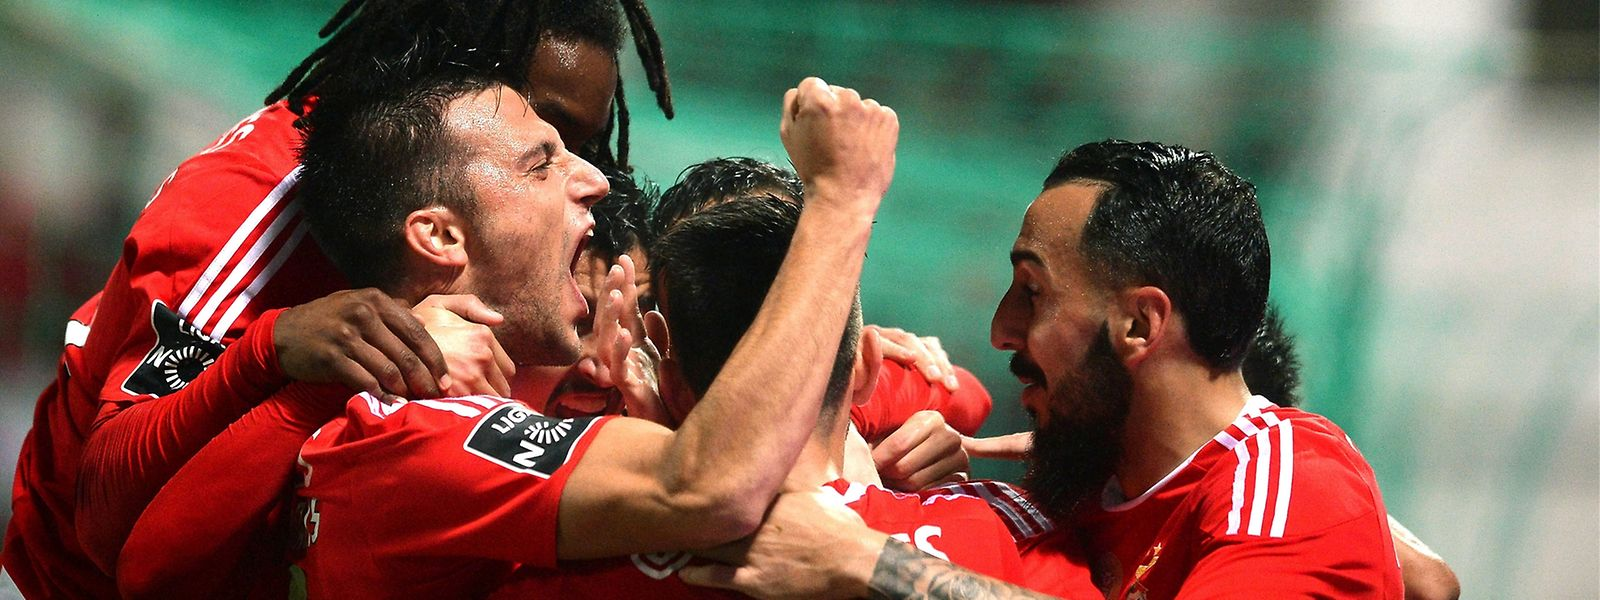 Encarnados terão de superar o Bayern p